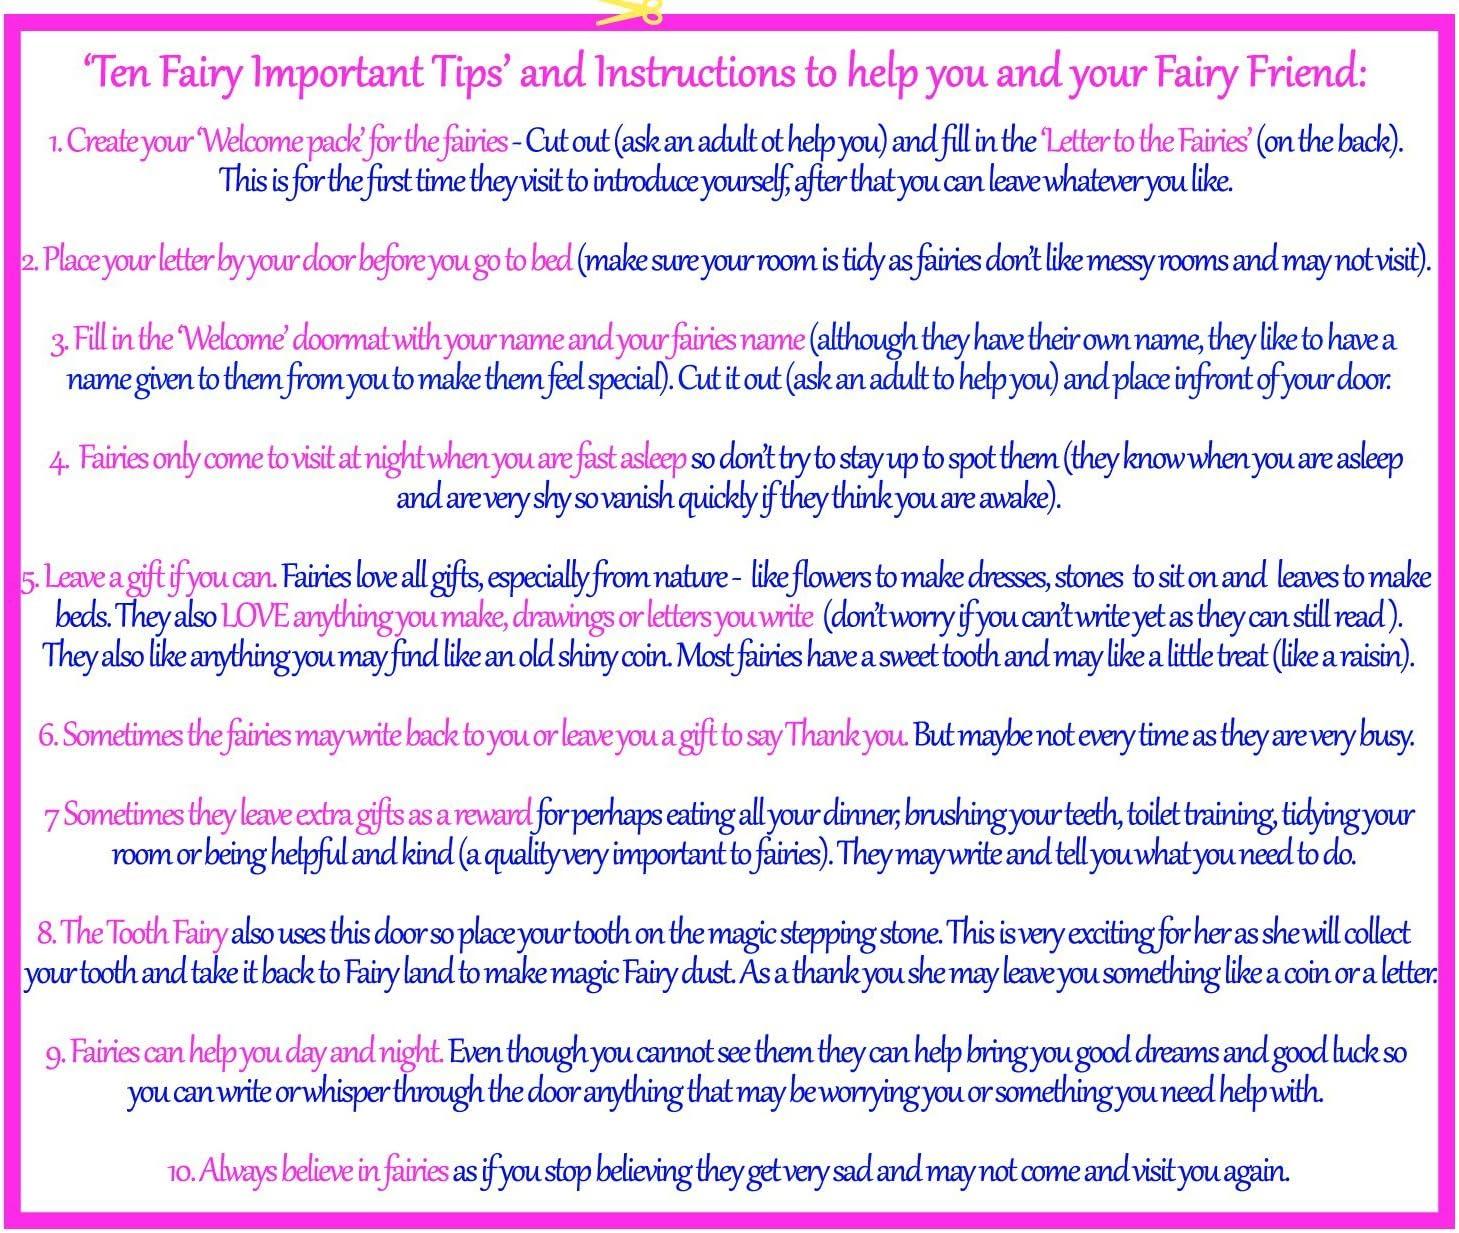 Porta delle Fate dei Fiori Believe You Can Fair Trade Fairies